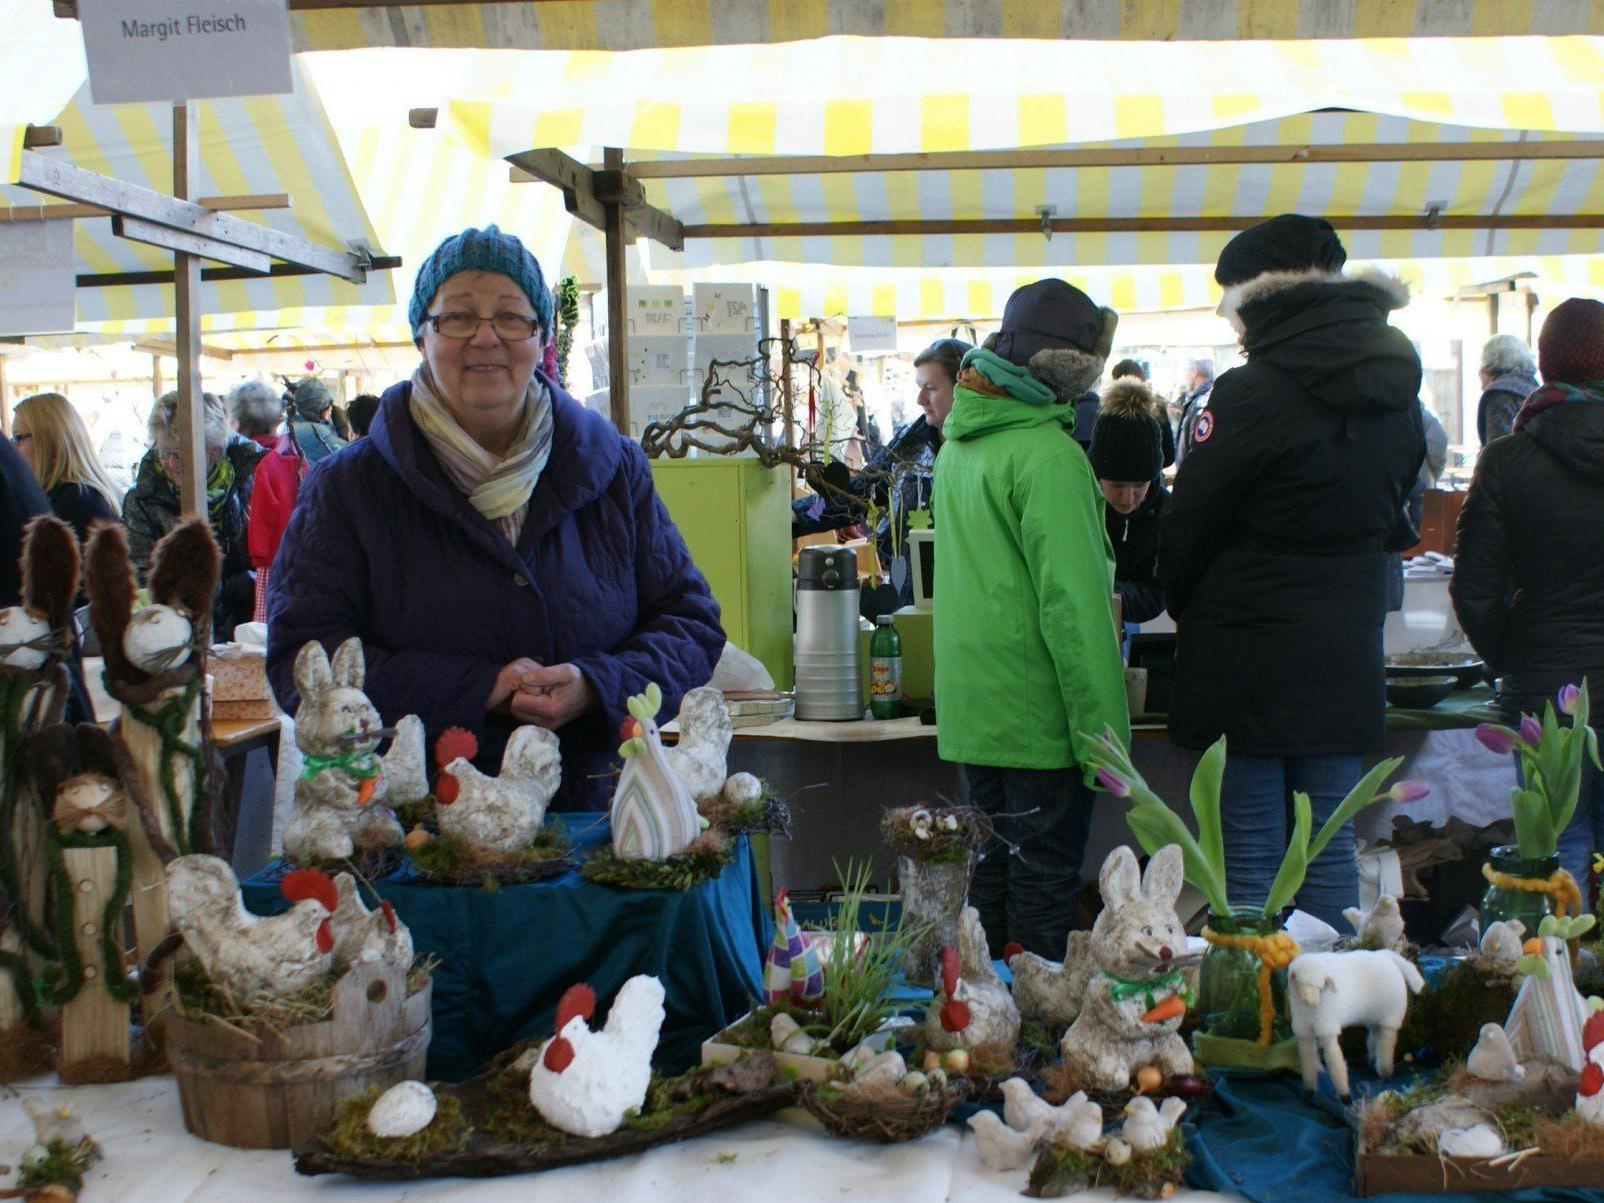 Margit Fleisch stellte tolle Osterdekoration aus und feierte am selben Tag ihren Geburtstag